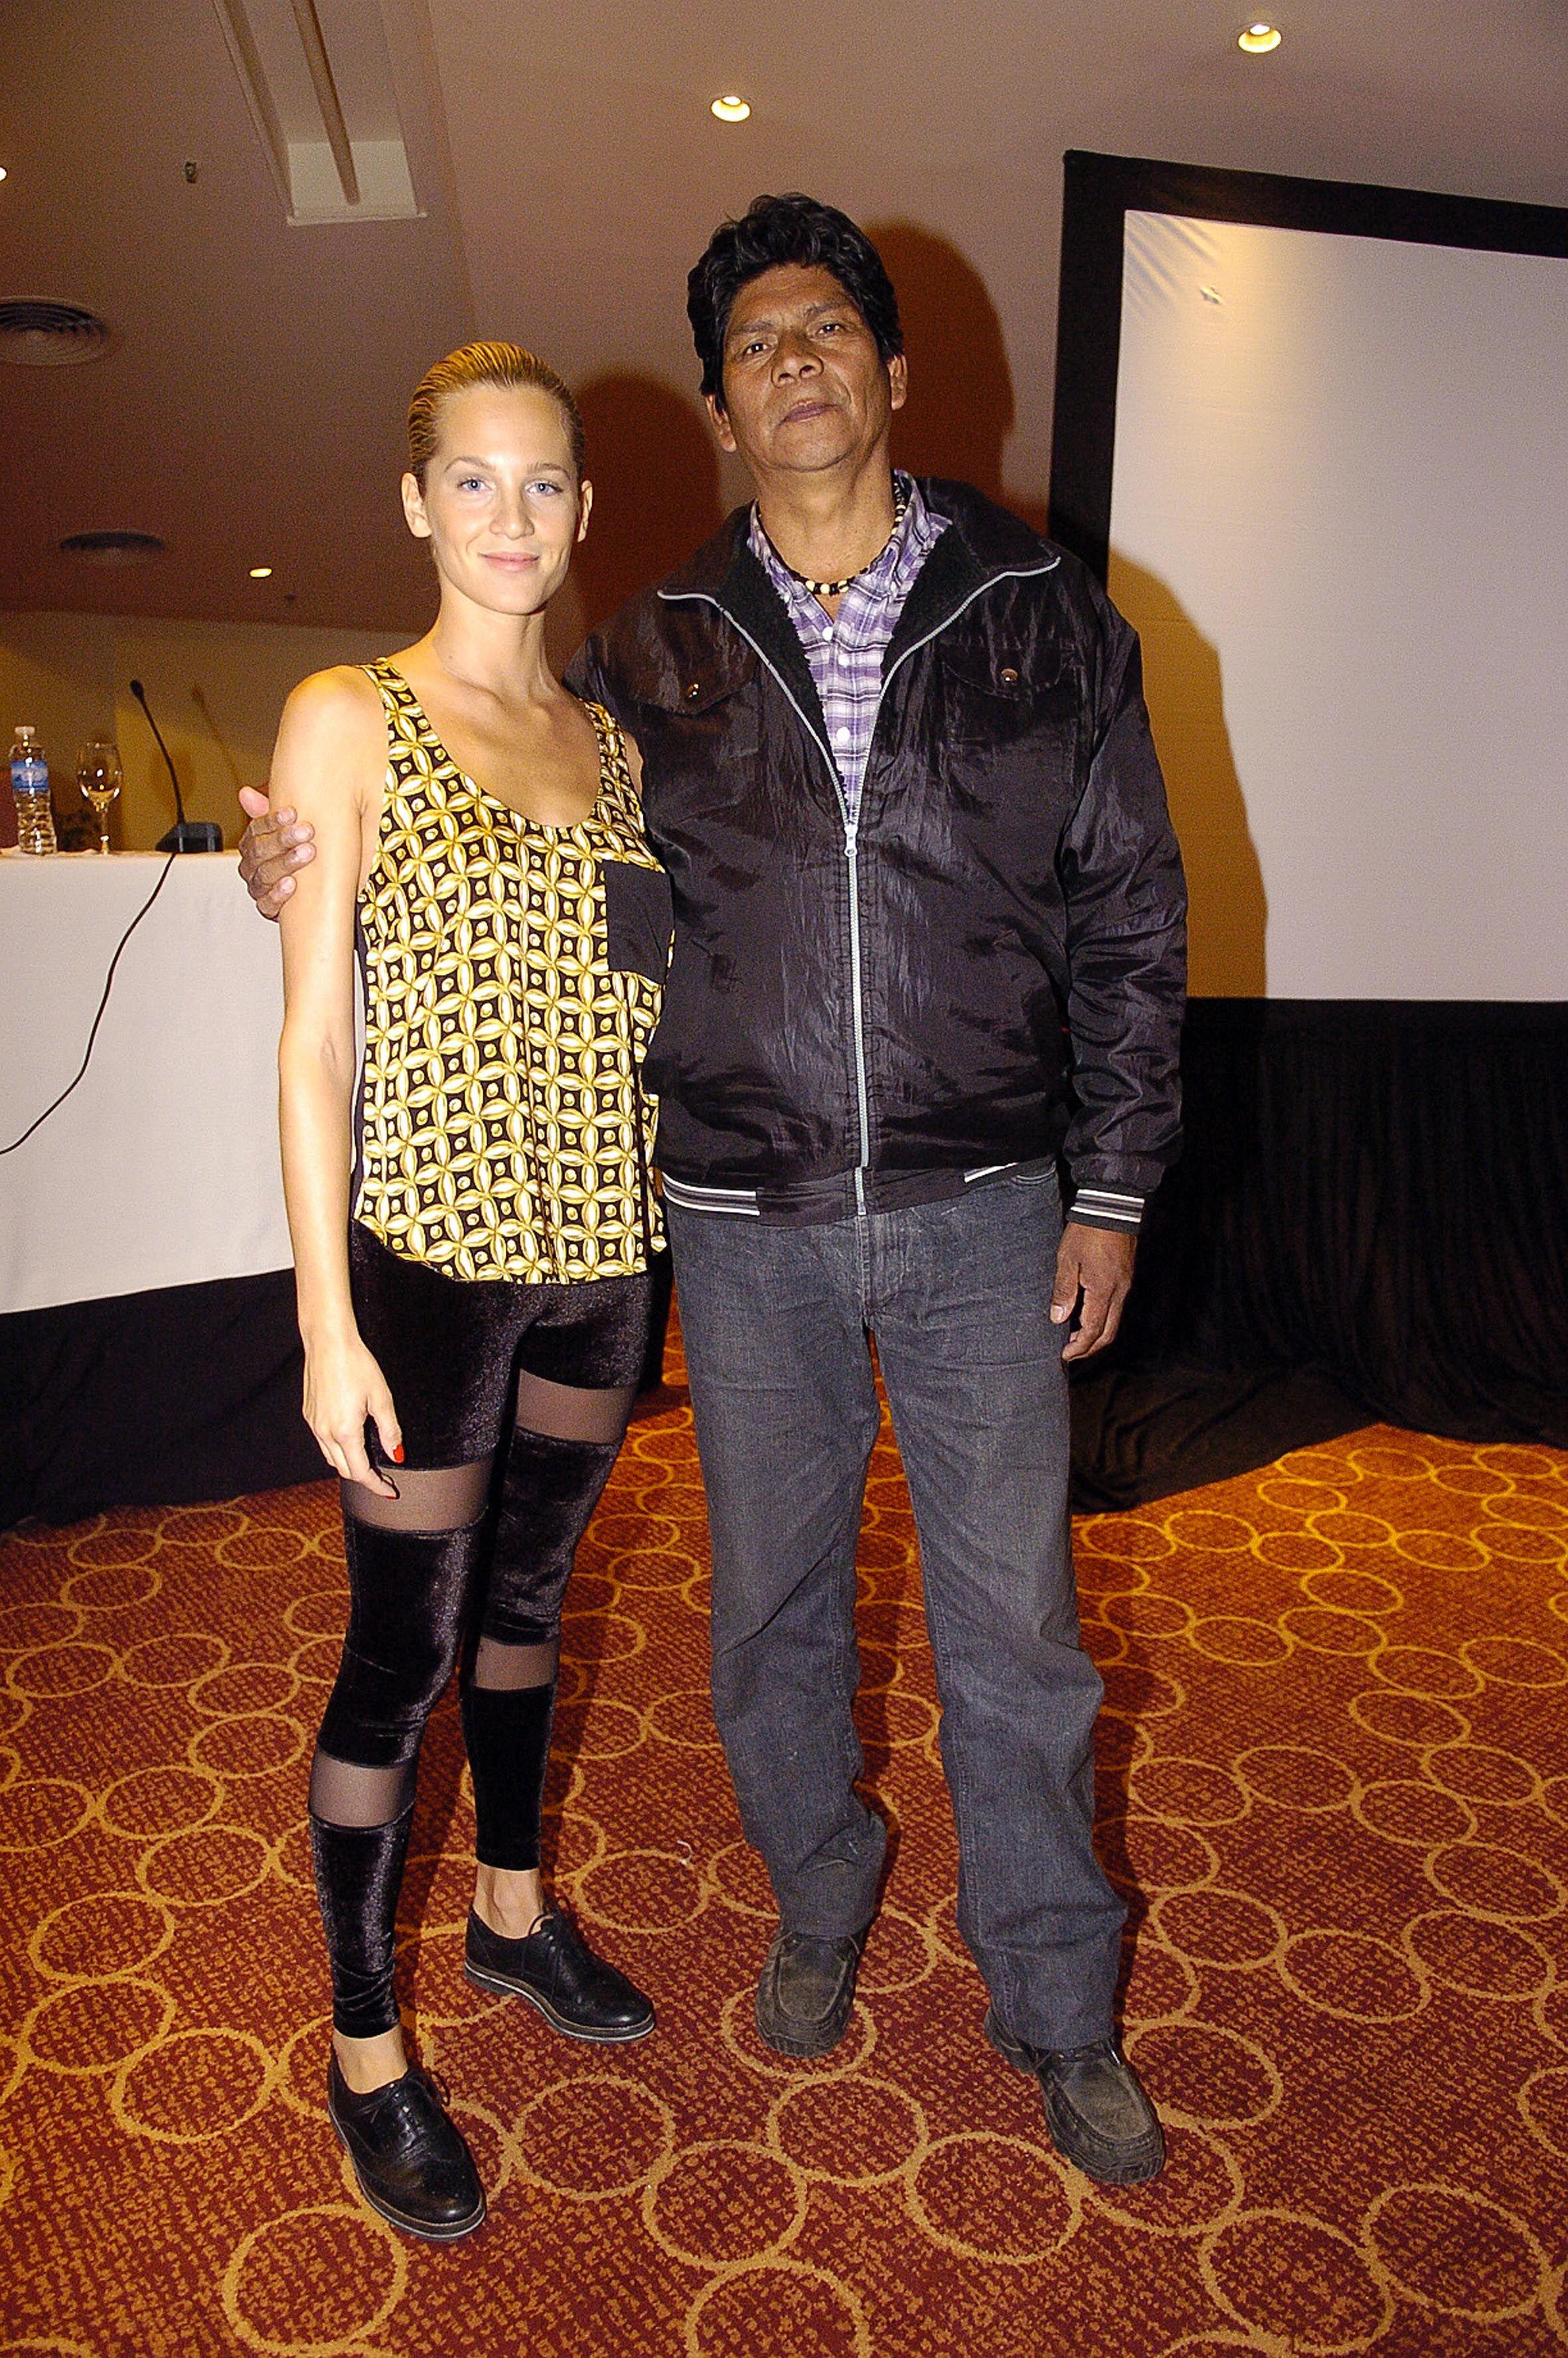 Liz Solari y Máximo Jorge (cacique toba)